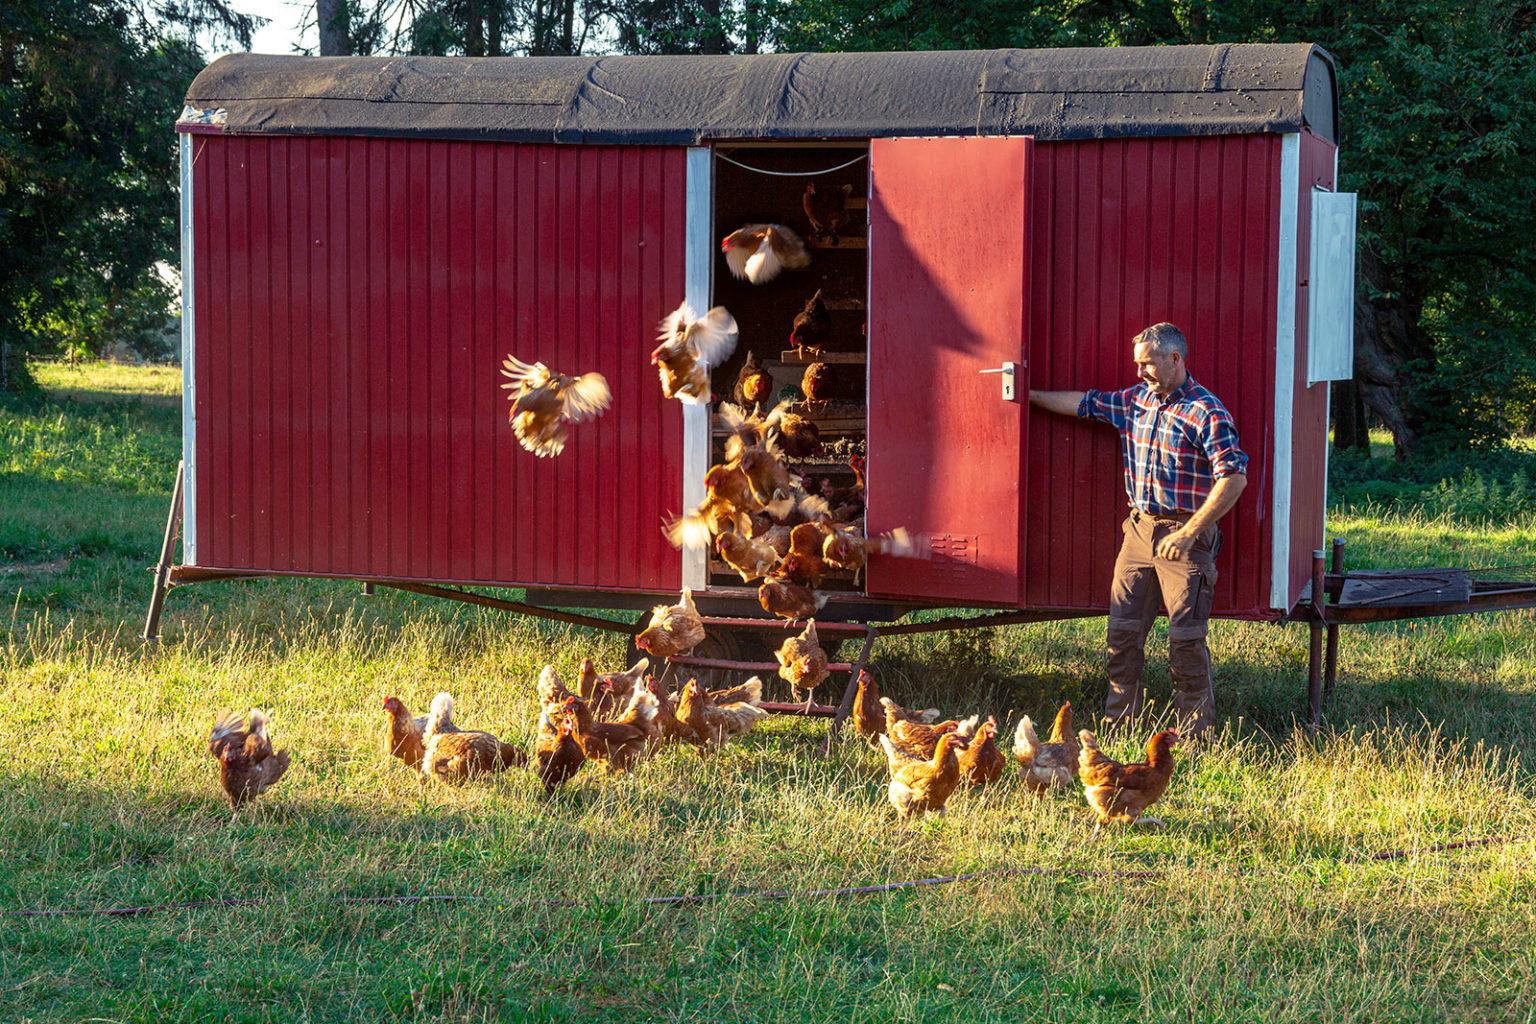 Dirk Tensfeldt öffnet am Morgen ein Huhnermobil